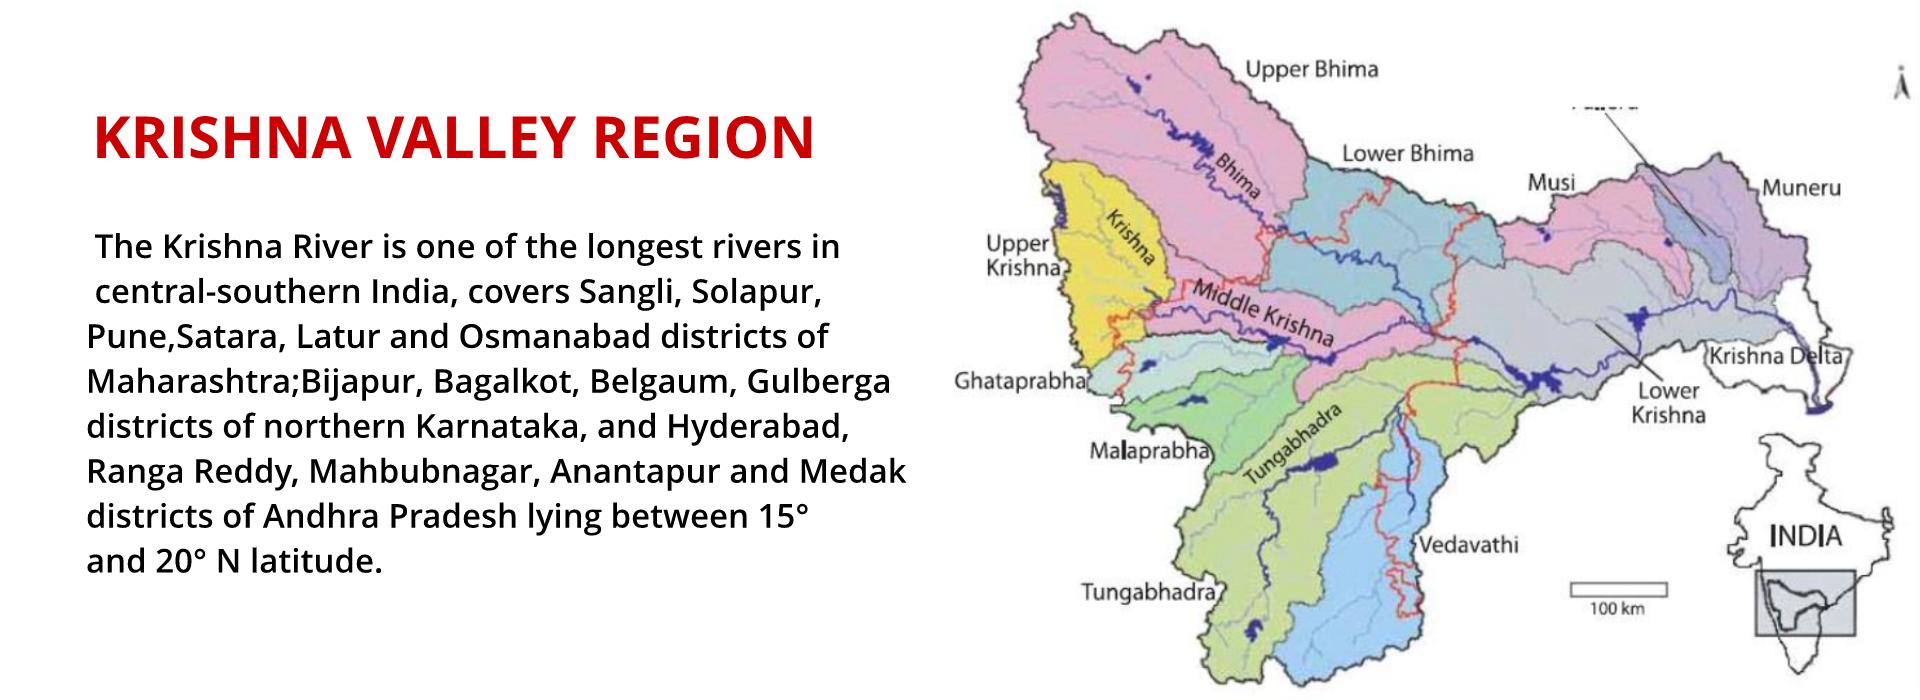 Krishna Valley Region